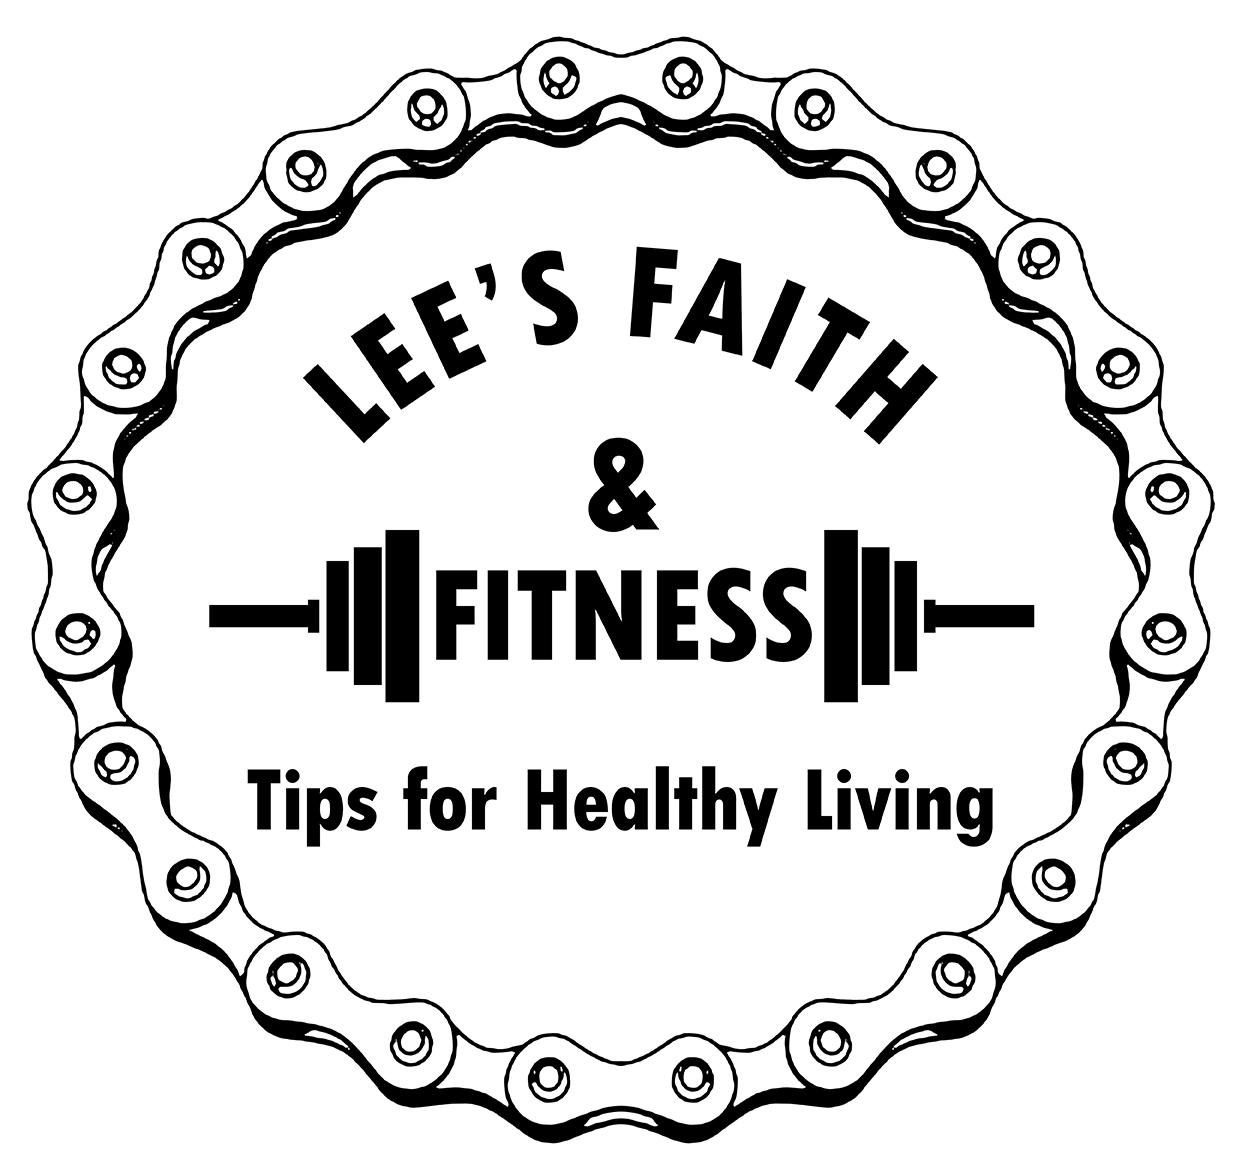 Lee's Faith & Fitness Columns